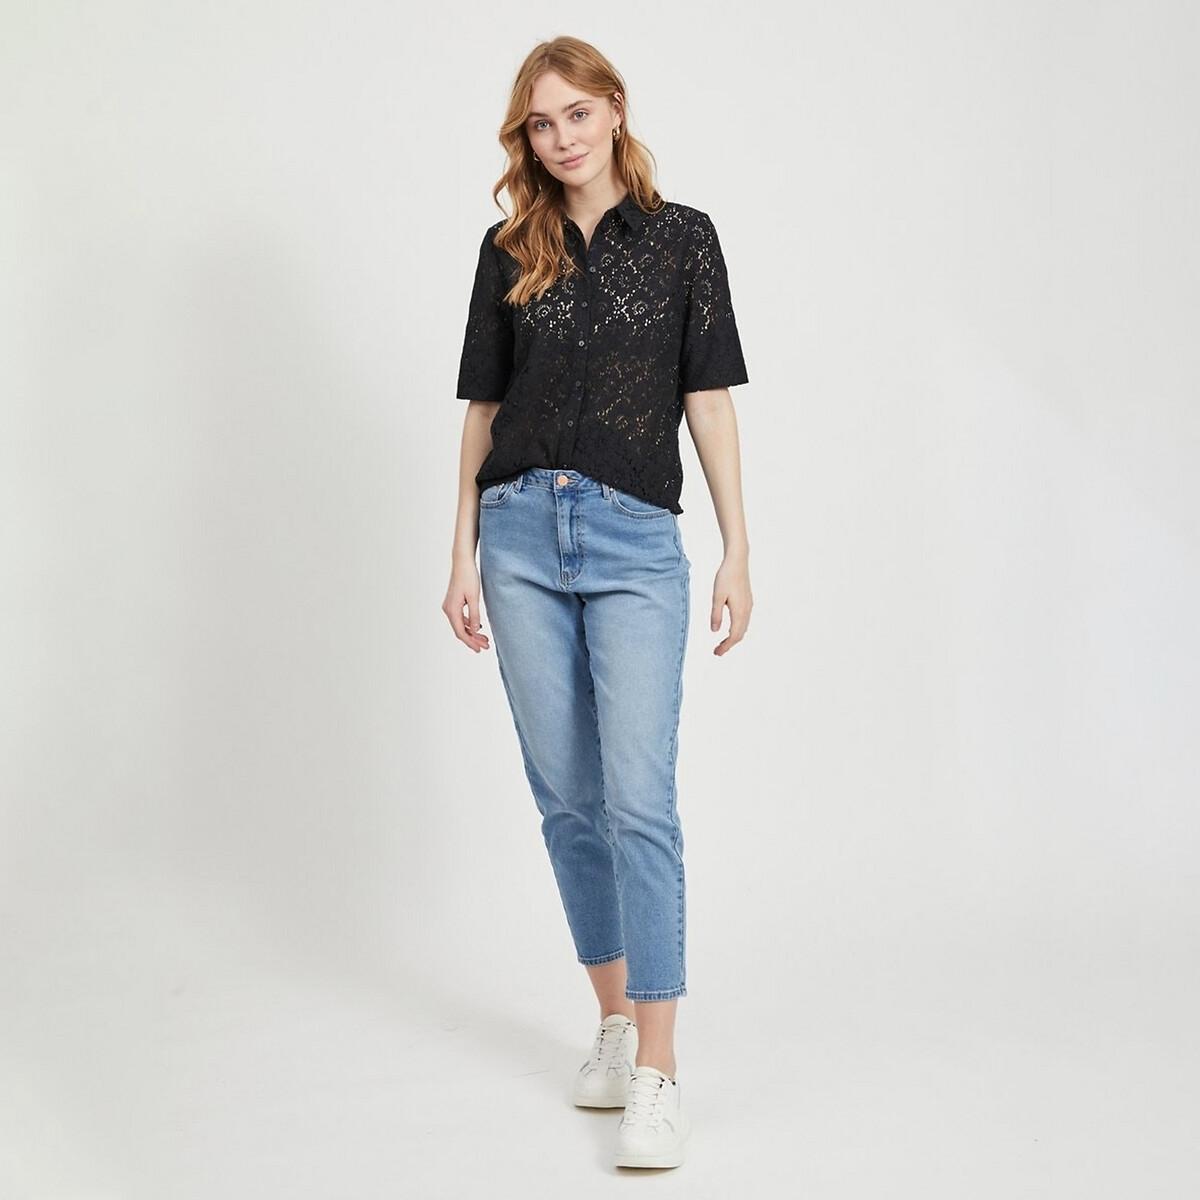 Рубашка La Redoute С короткими рукавами с вышивкой 36 (FR) - 42 (RUS) черный